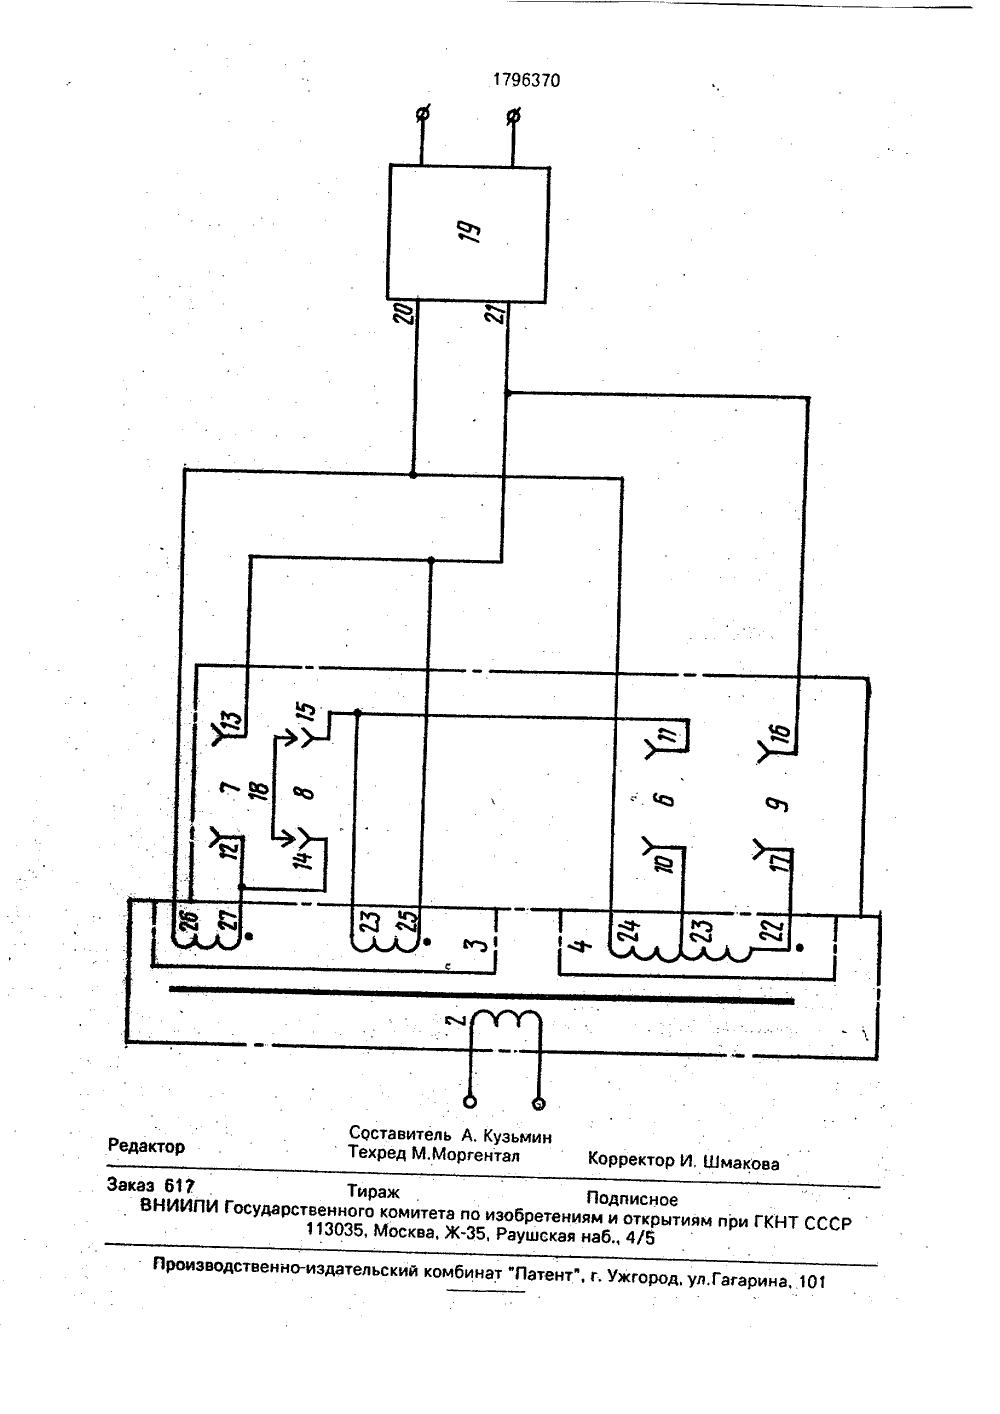 схема сварочного выпрямителя вд0801 уз